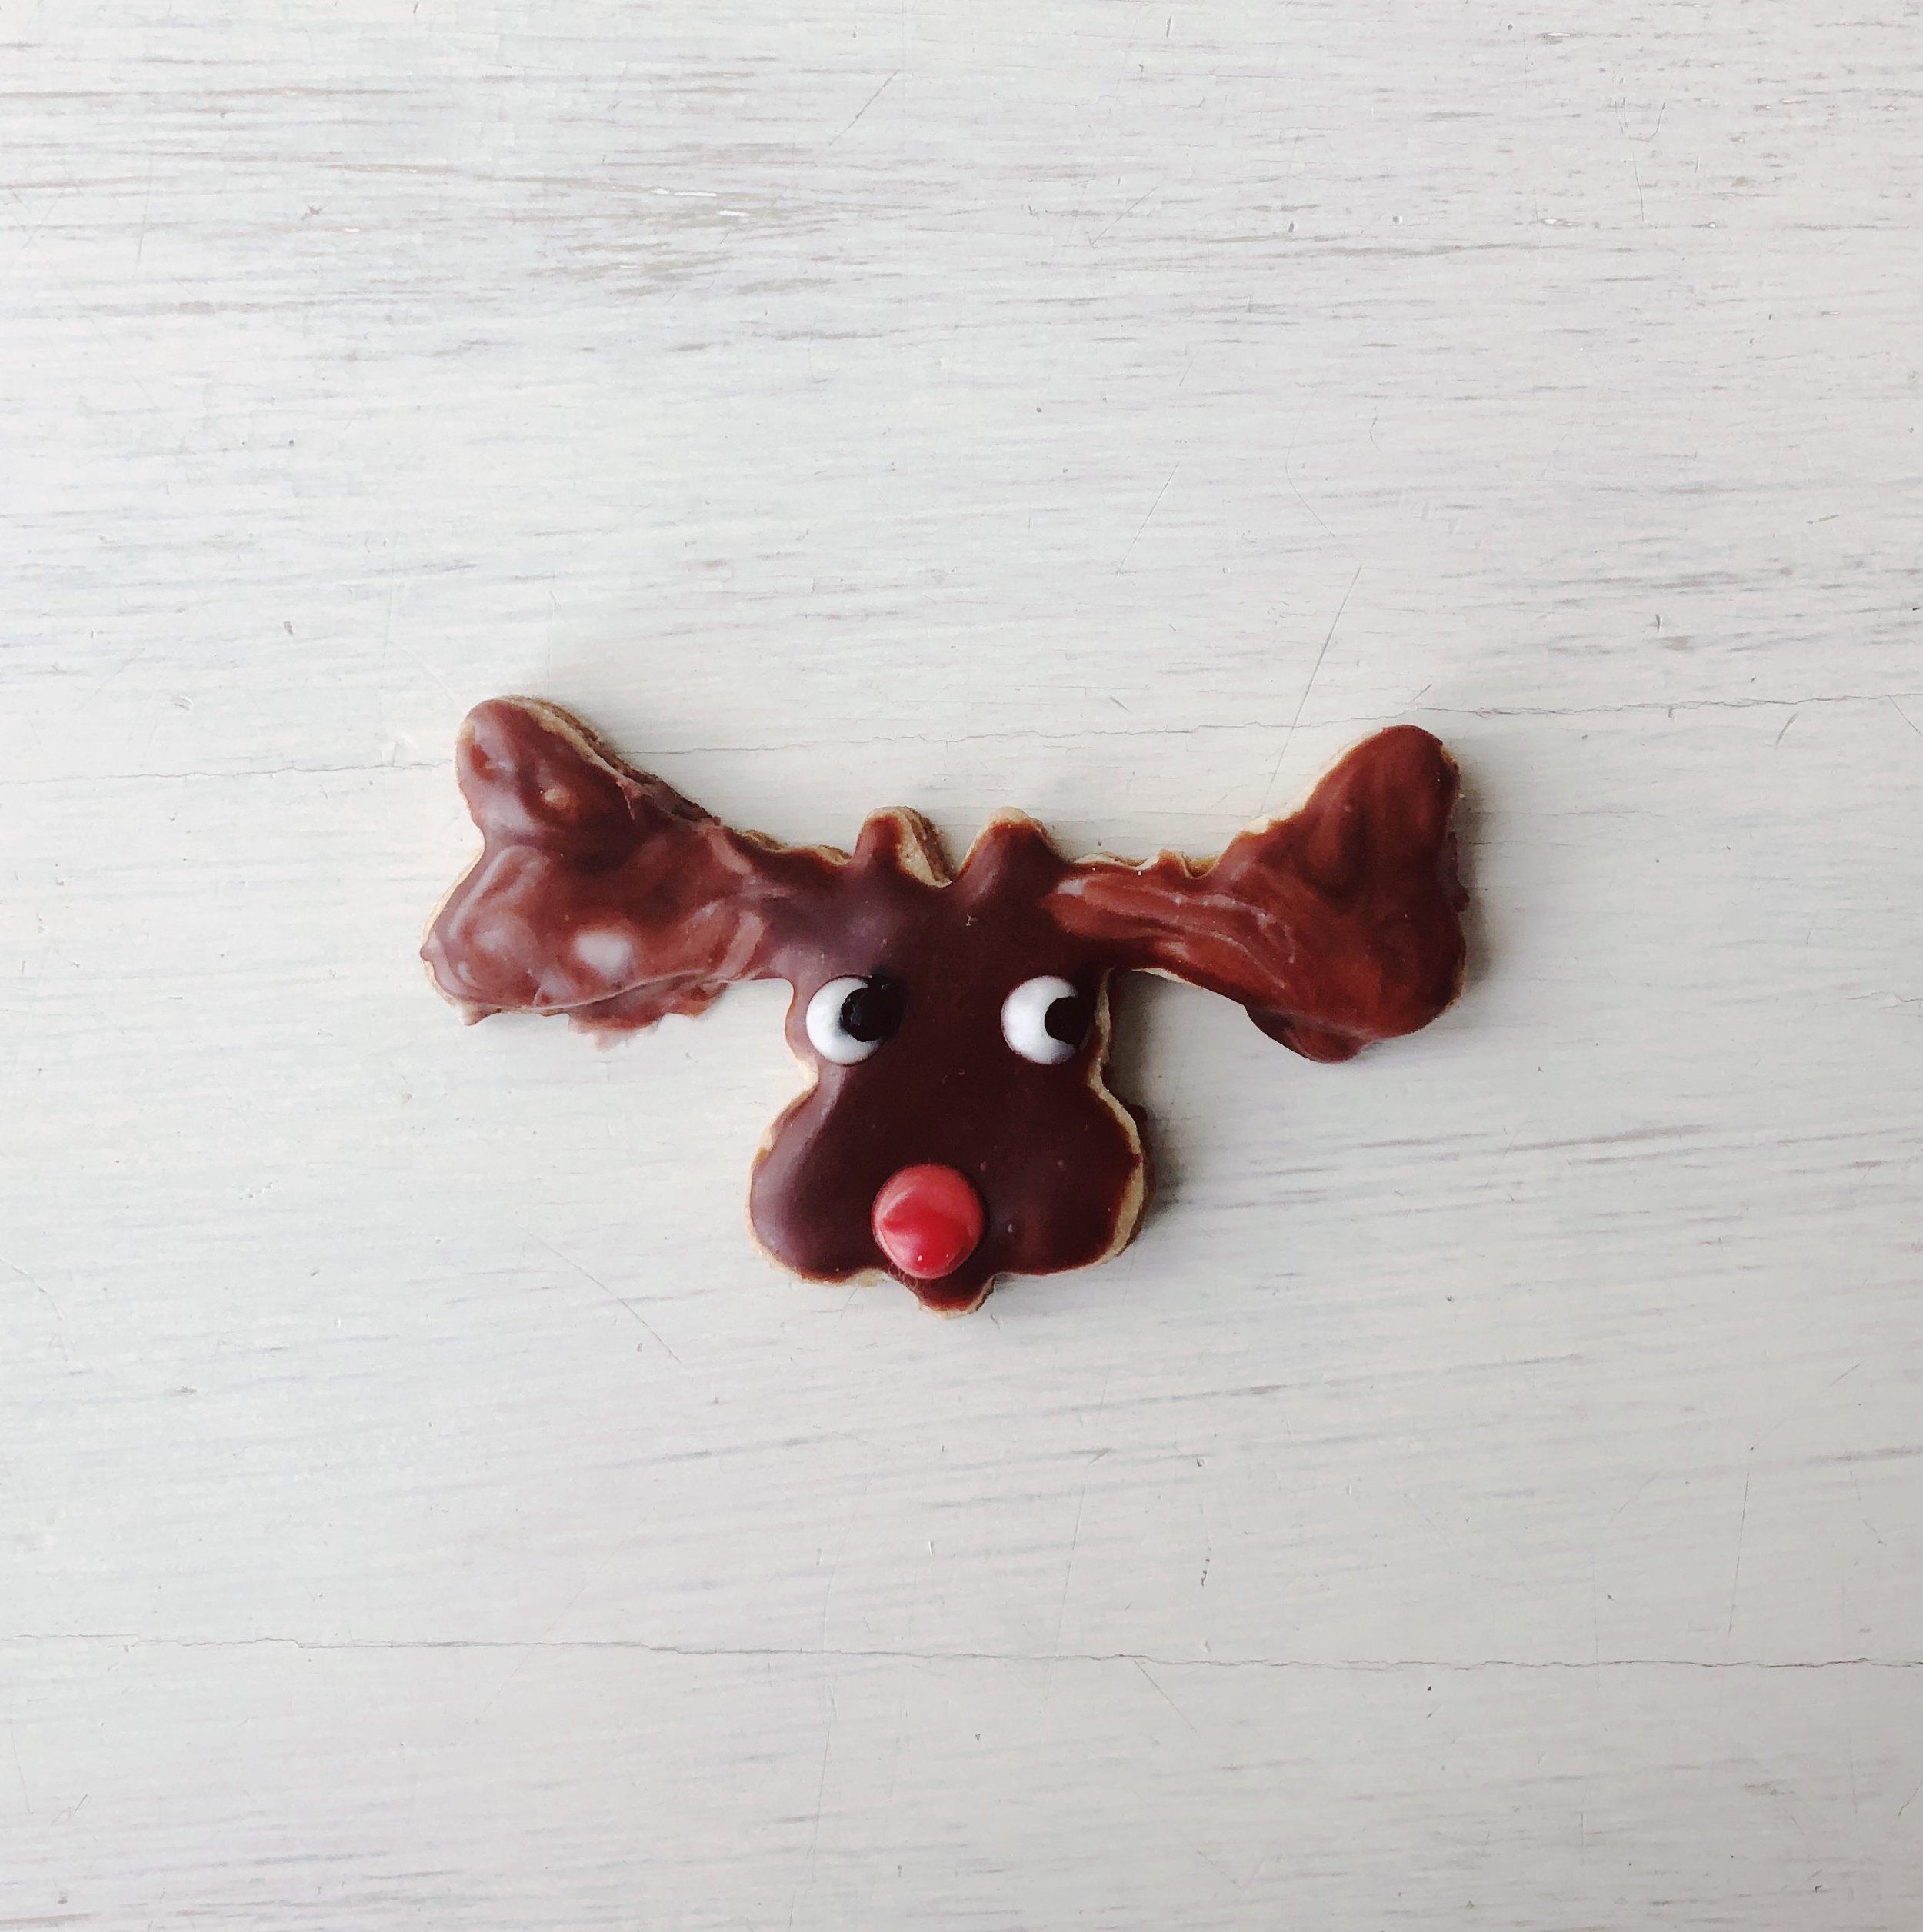 Moose cookie